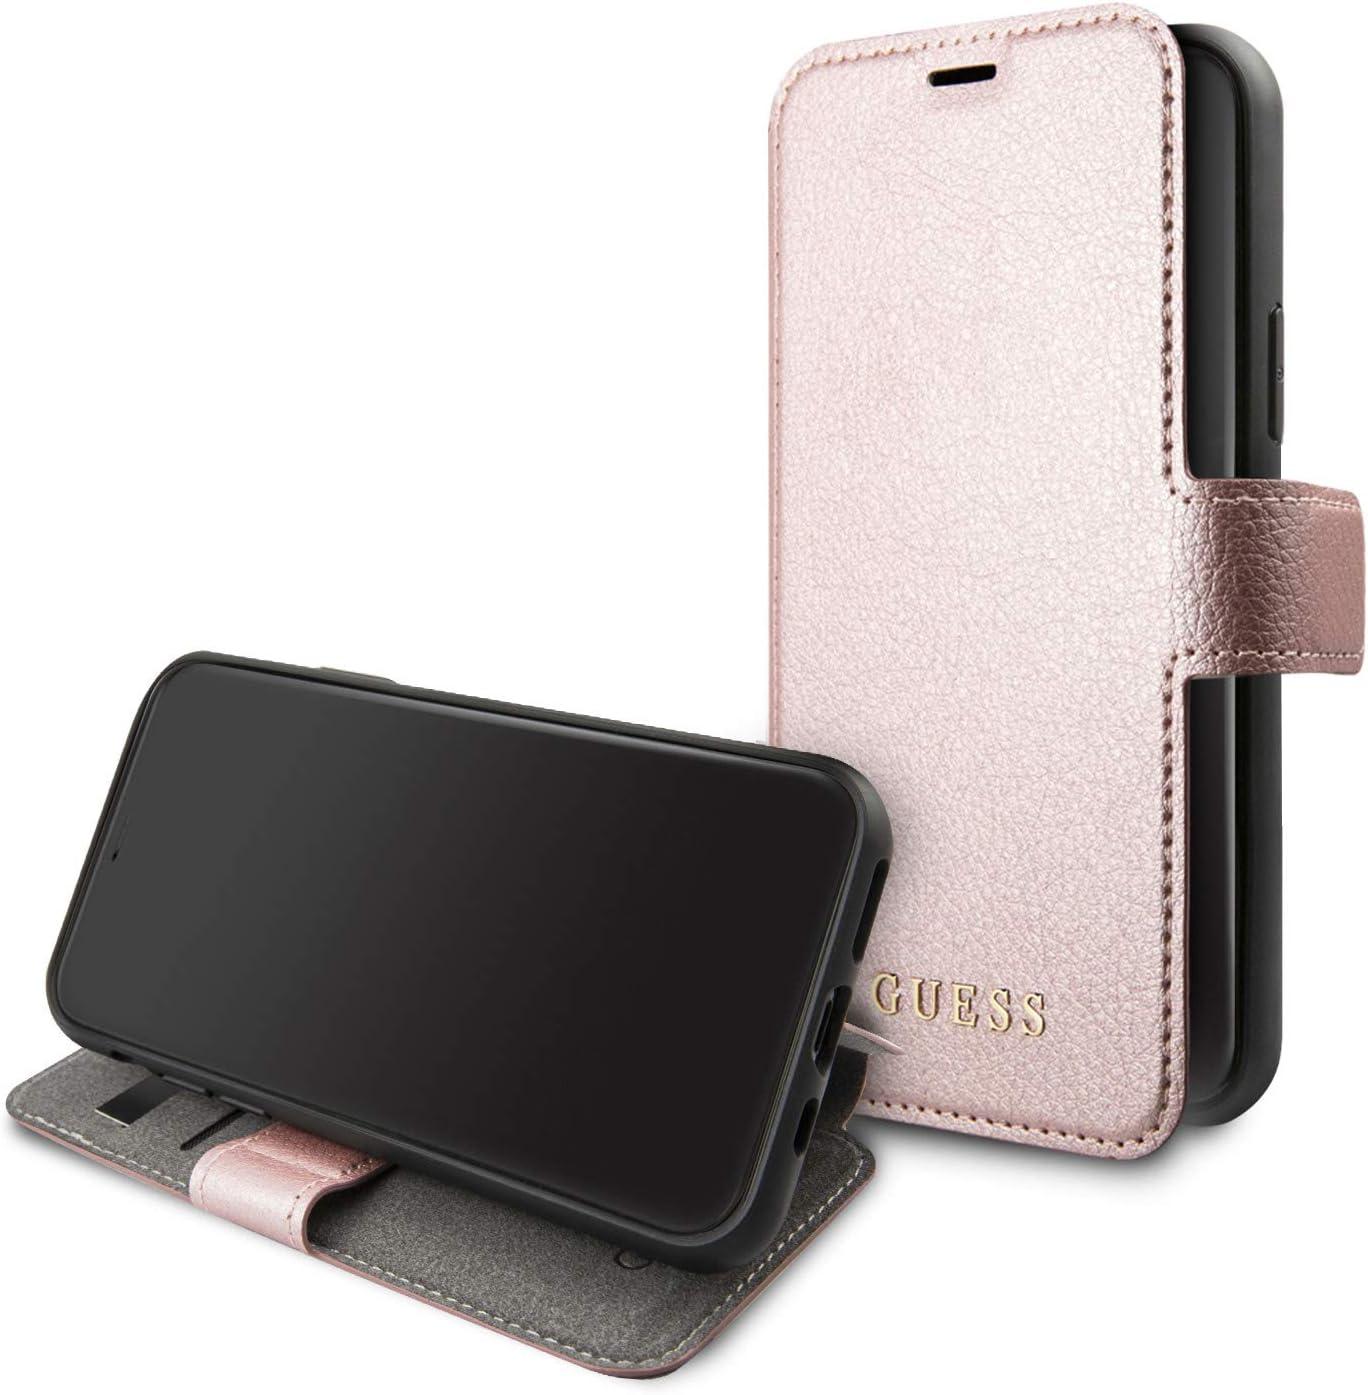 Guess Funda iPhone 11 Pro MAX Tipo Libro con Tarjetero: Amazon.es: Electrónica